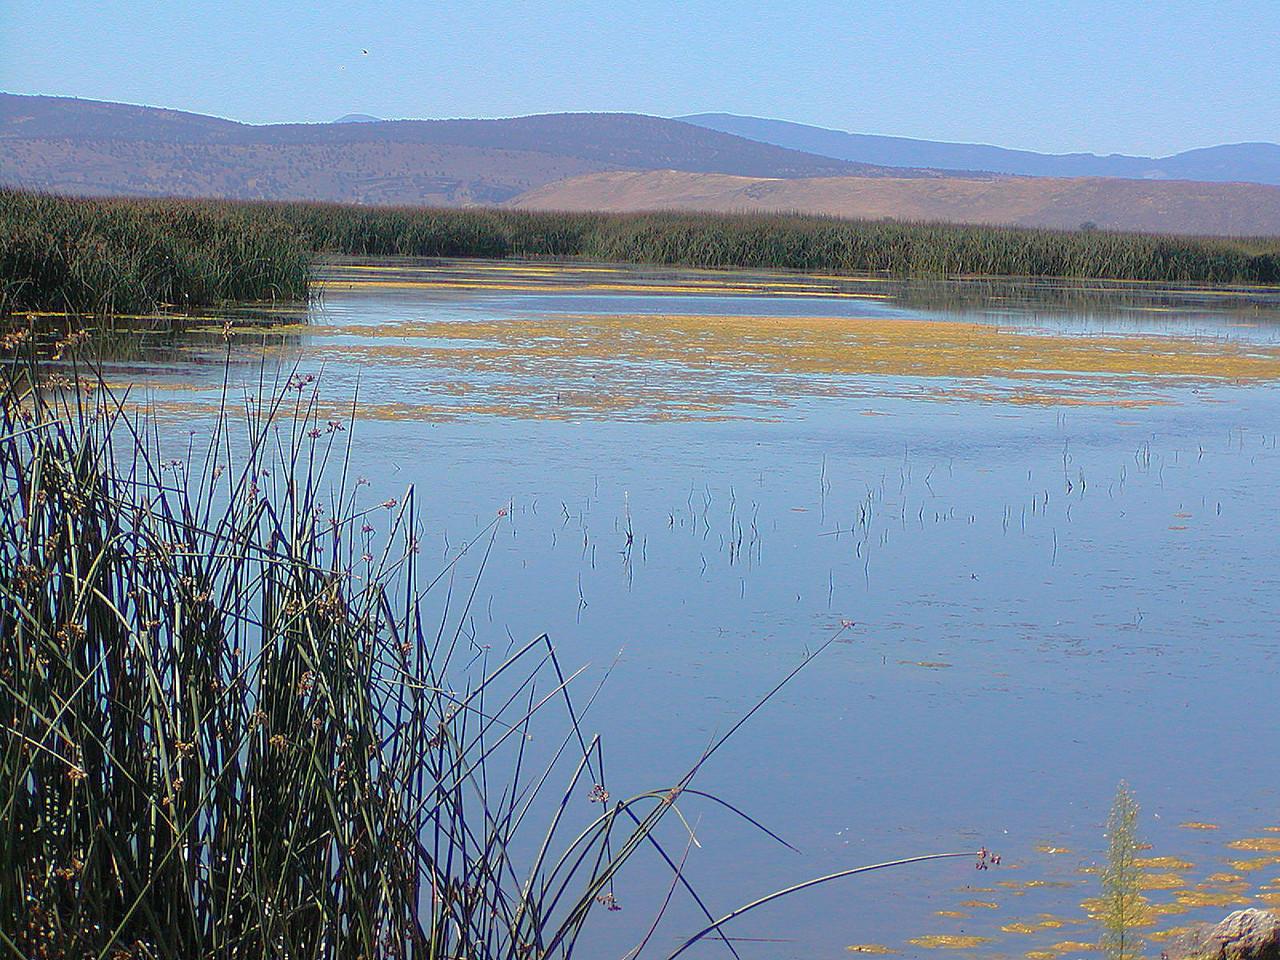 Tule Lake